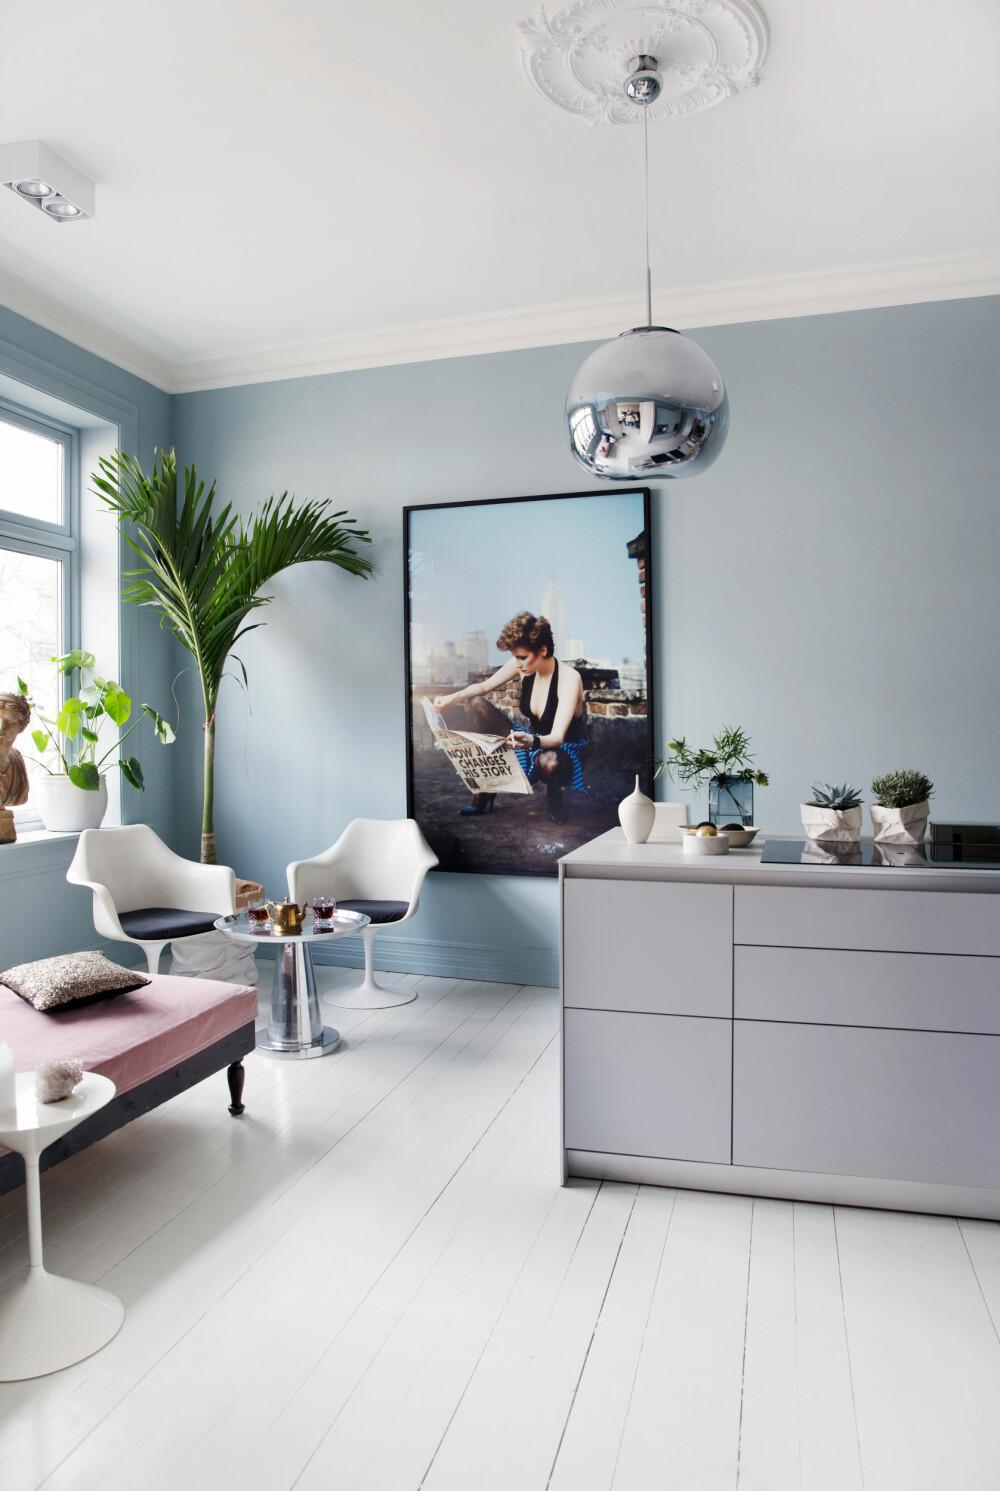 KOMBINERT: Tone Kroken har kombinert innredning fra Bulthaup med høyskap fra Ikea. Den eksotiske lounge-kroken blir et samlingssted når Tone har selskap, og består av tøffe elementer hun hadde fra før. De to Tulip-stolene fra Saarinen er kombinert med en brukt daybed, som Tone har kledd med nytt tekstil, og et sidebord i stål fra balzac.no. Gulvet er det originale tregulvet fra 1890-tallet. Det er malt med tre lag trestjernes gulvmaling i fargen Tidløs. Lampen er fra Tom Dixon, og bildet fra Eske.